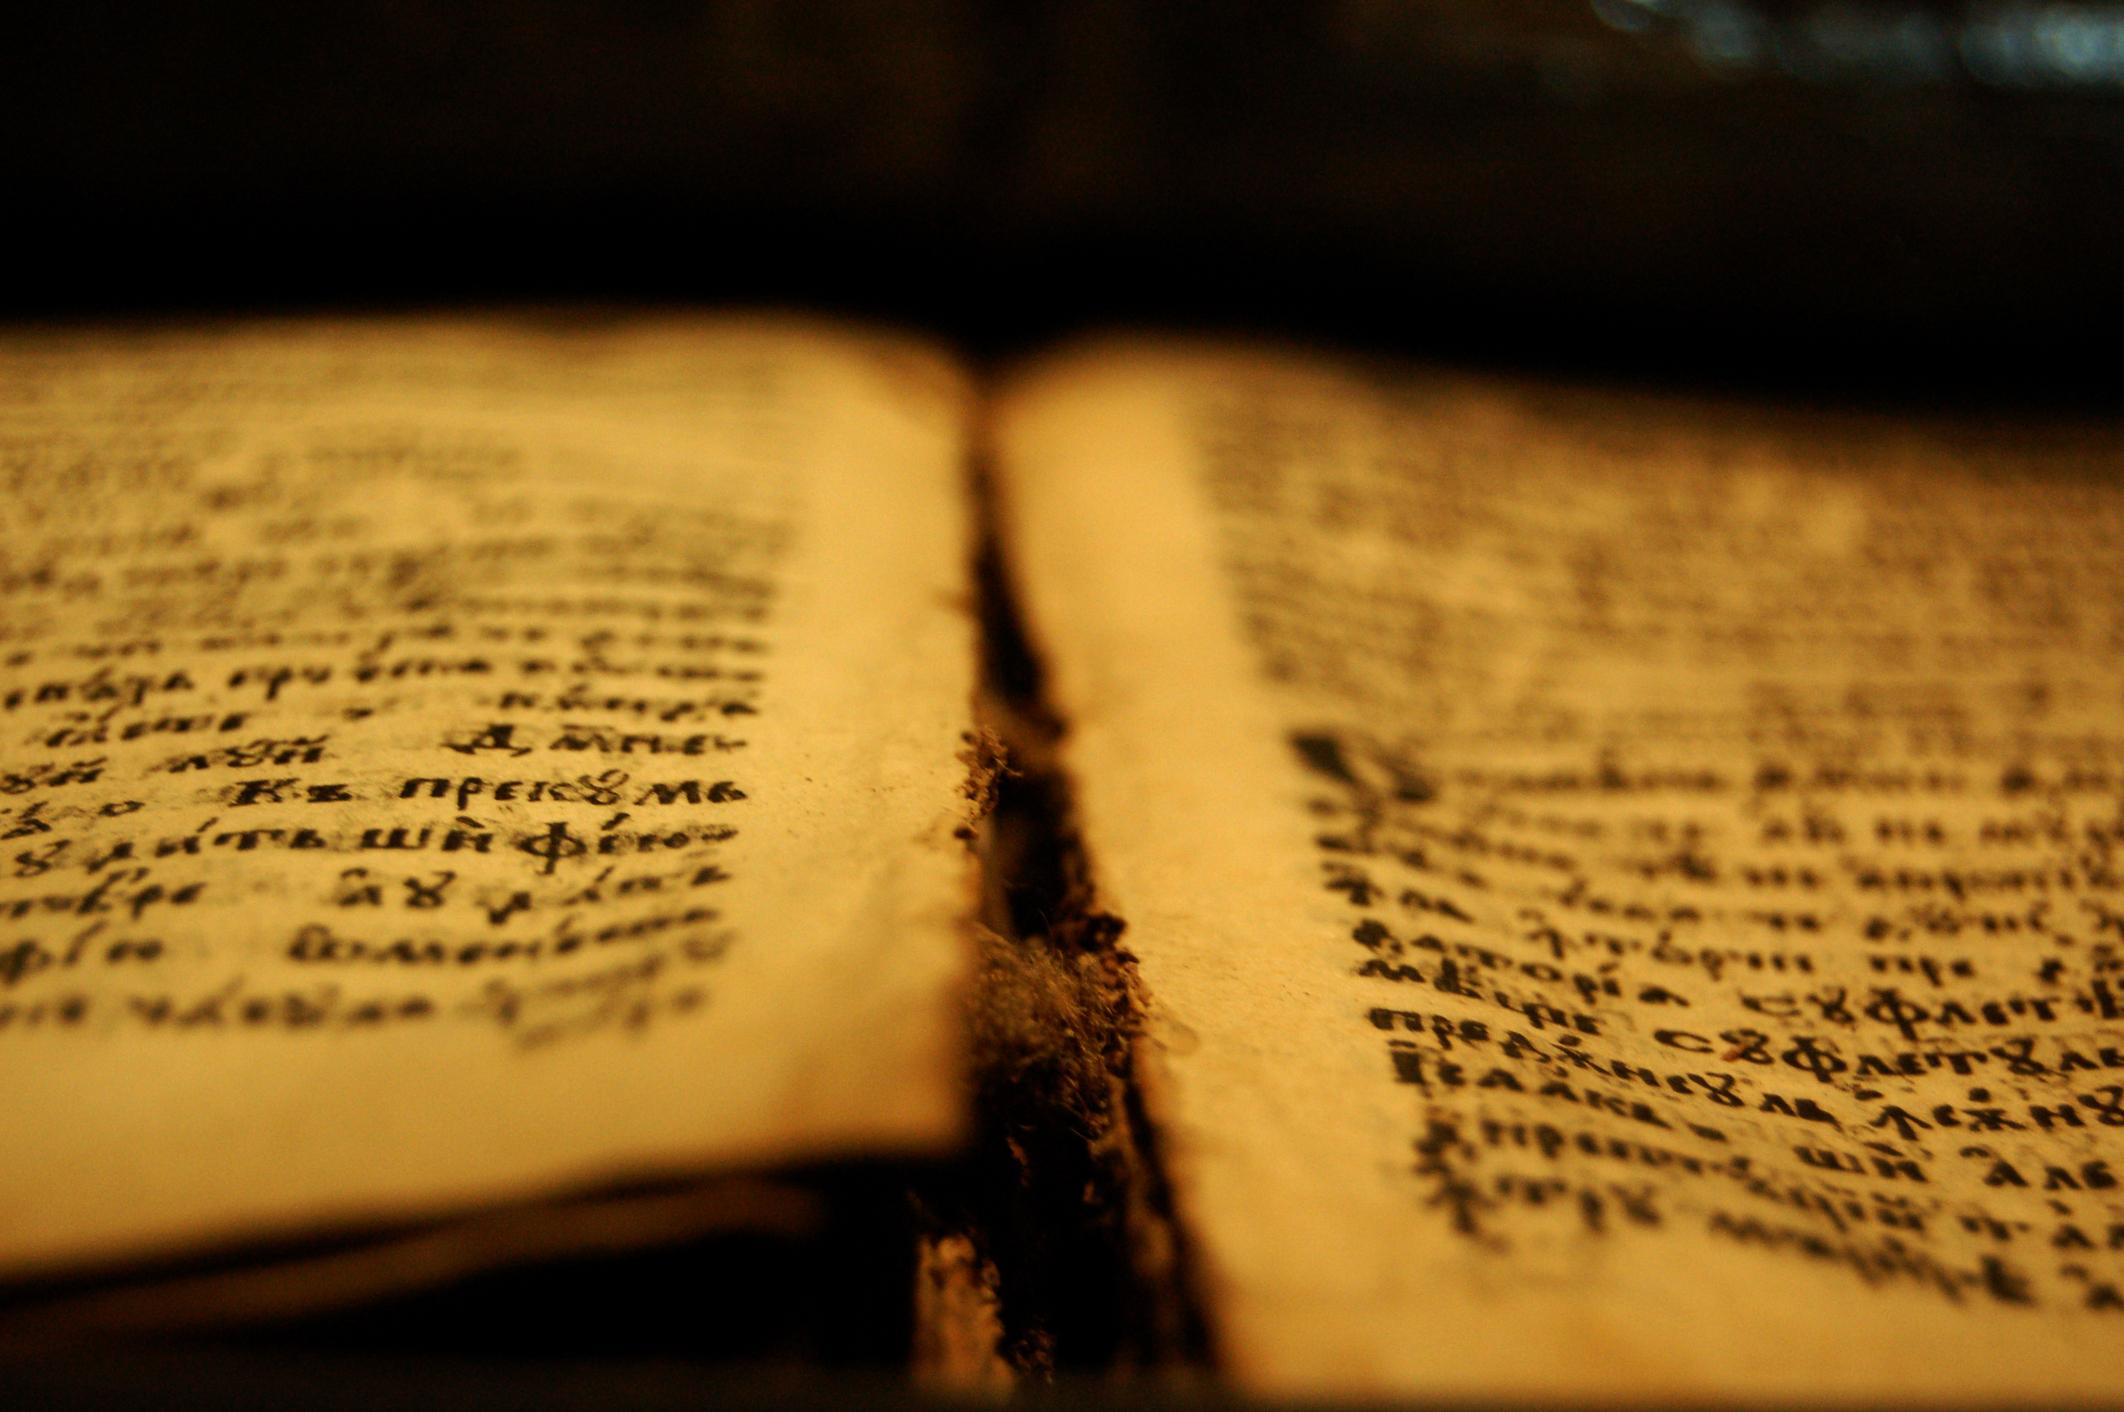 другой стороны, ноты по страницам библии старой также норвежское шерстяное